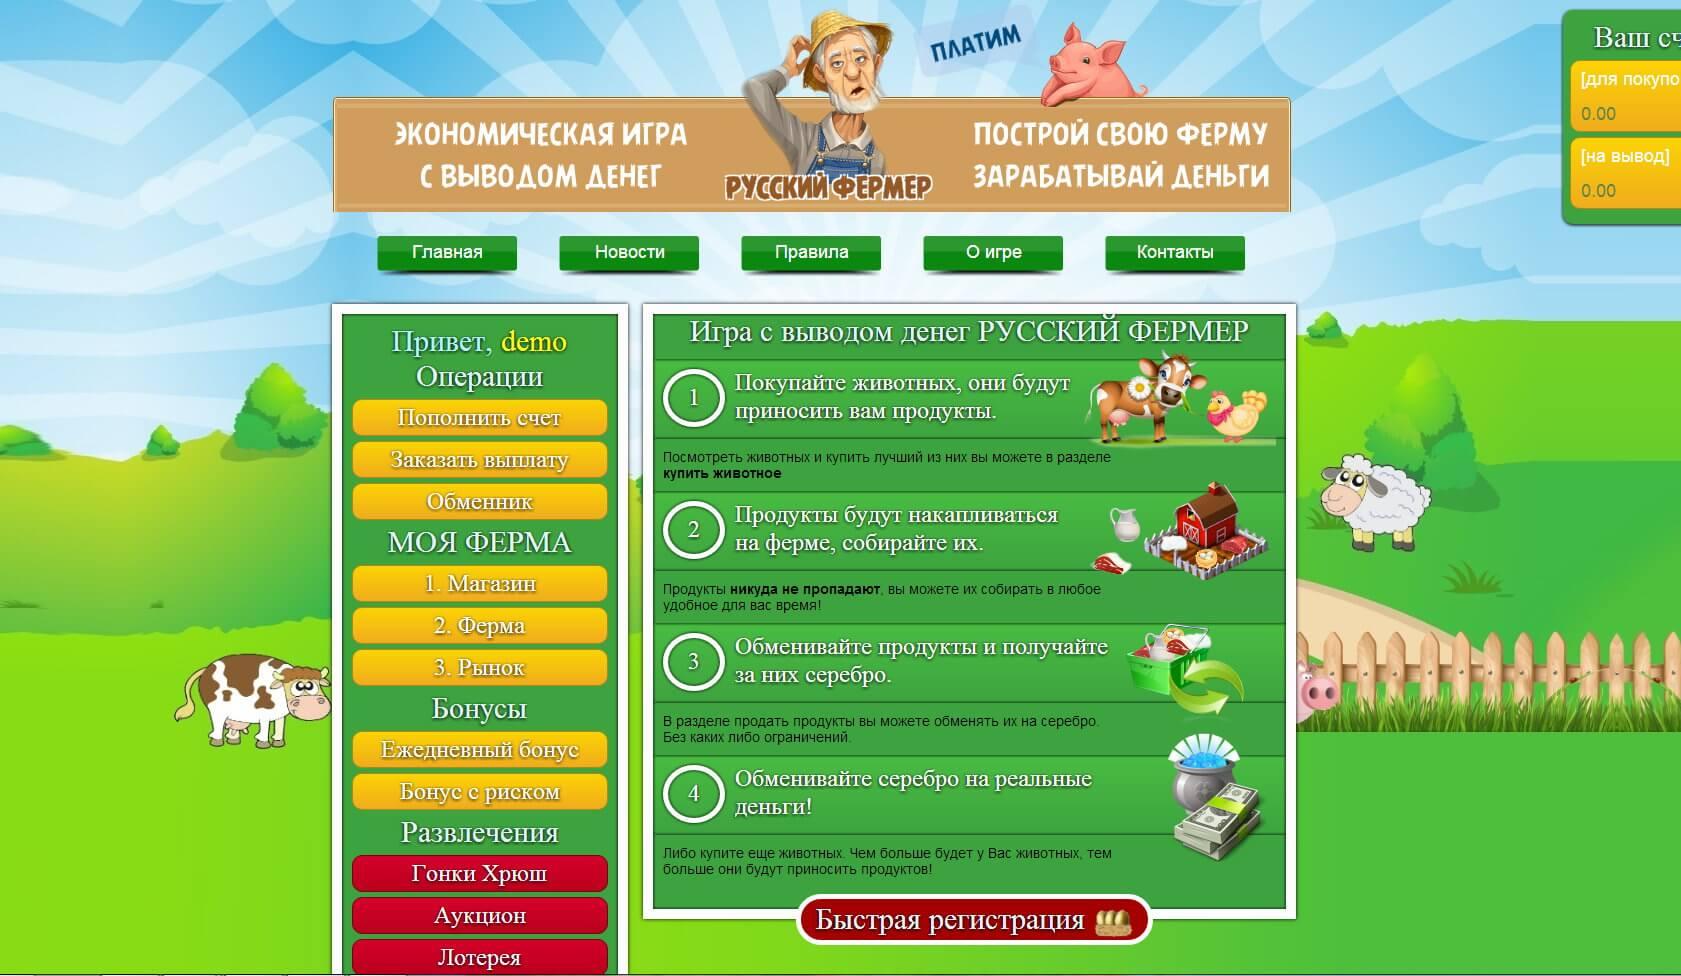 русская игра с выводом денег